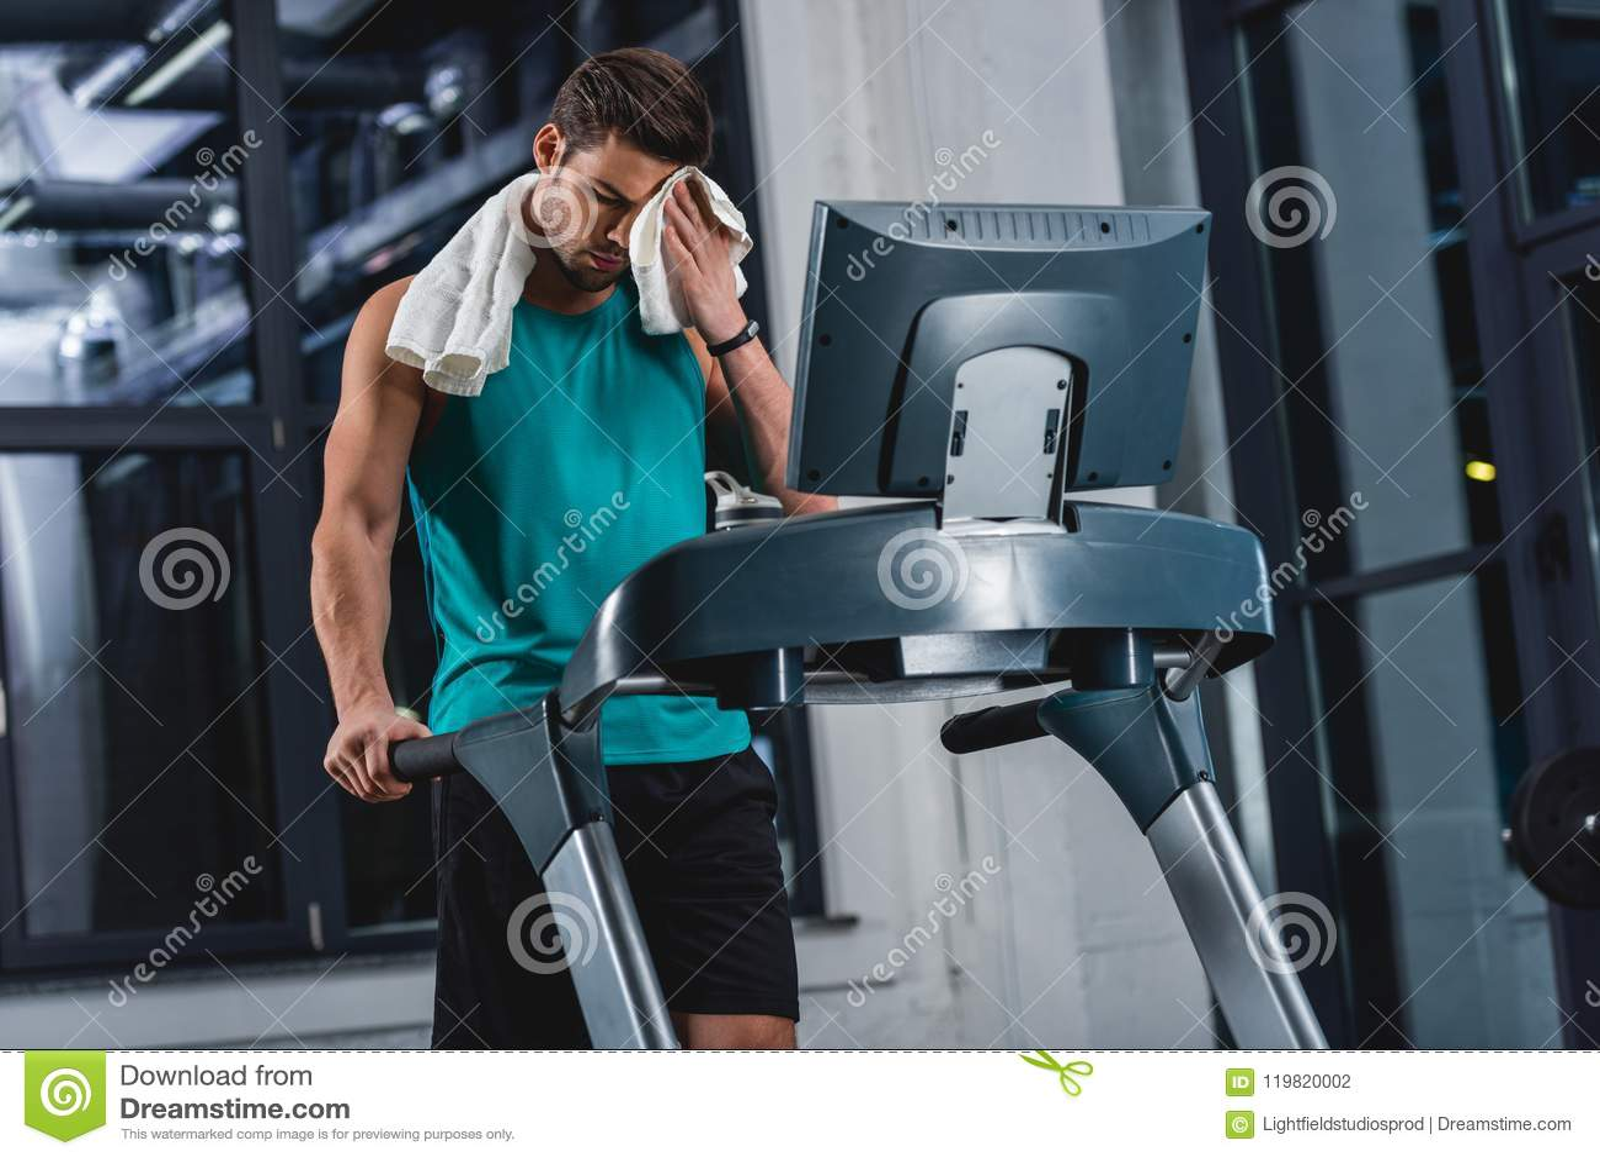 Desportista suado cansado com treinamento de toalha na escada rolante